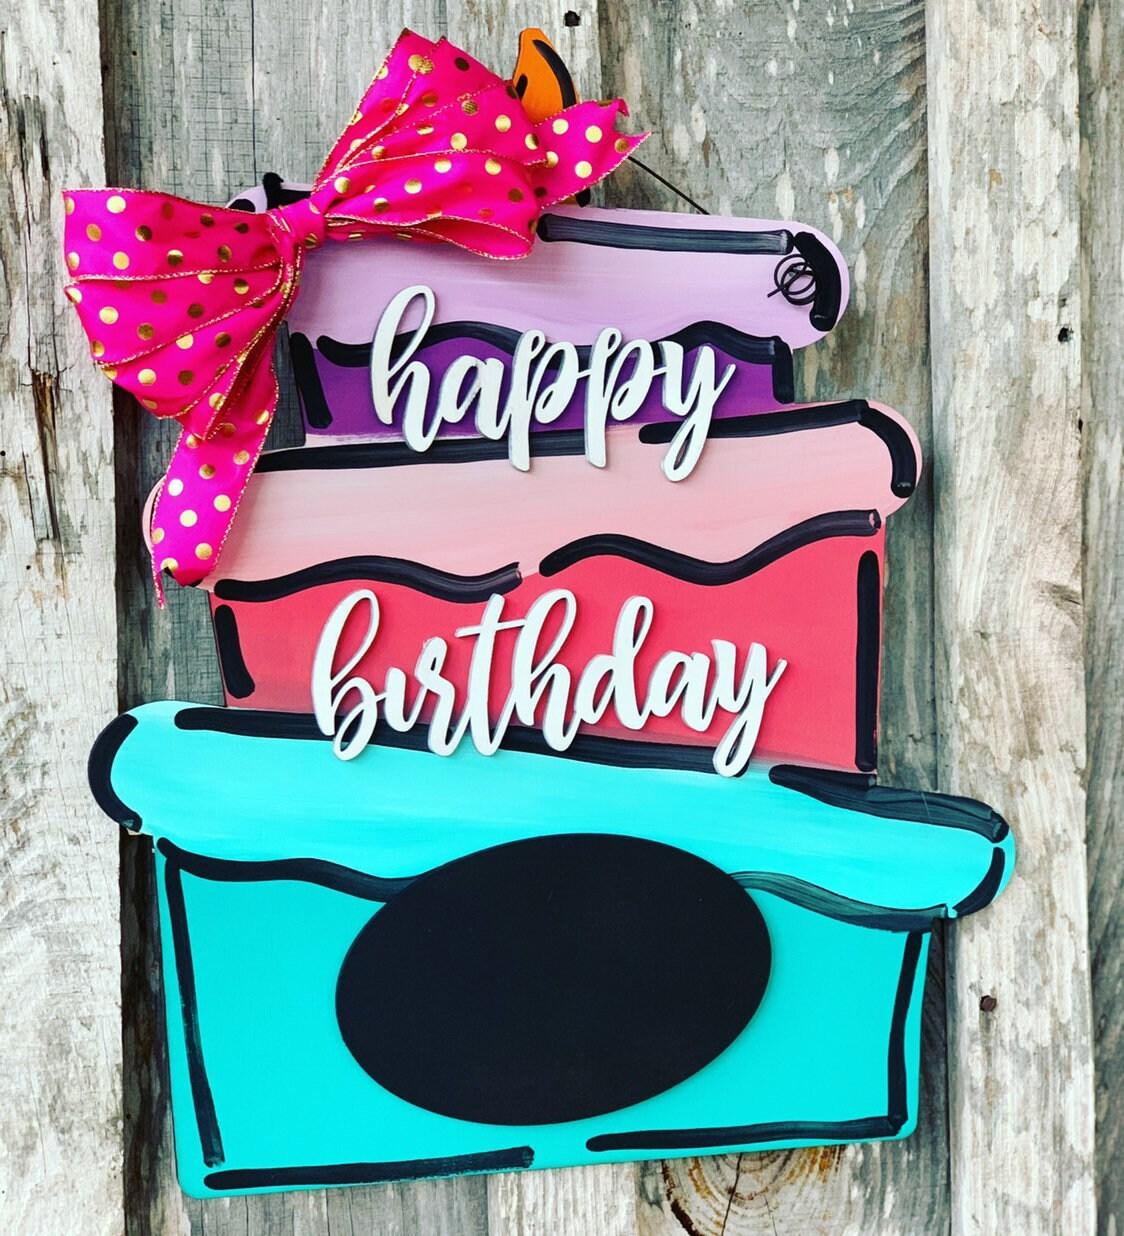 Birthday Cake Chalkboard Door Hanger